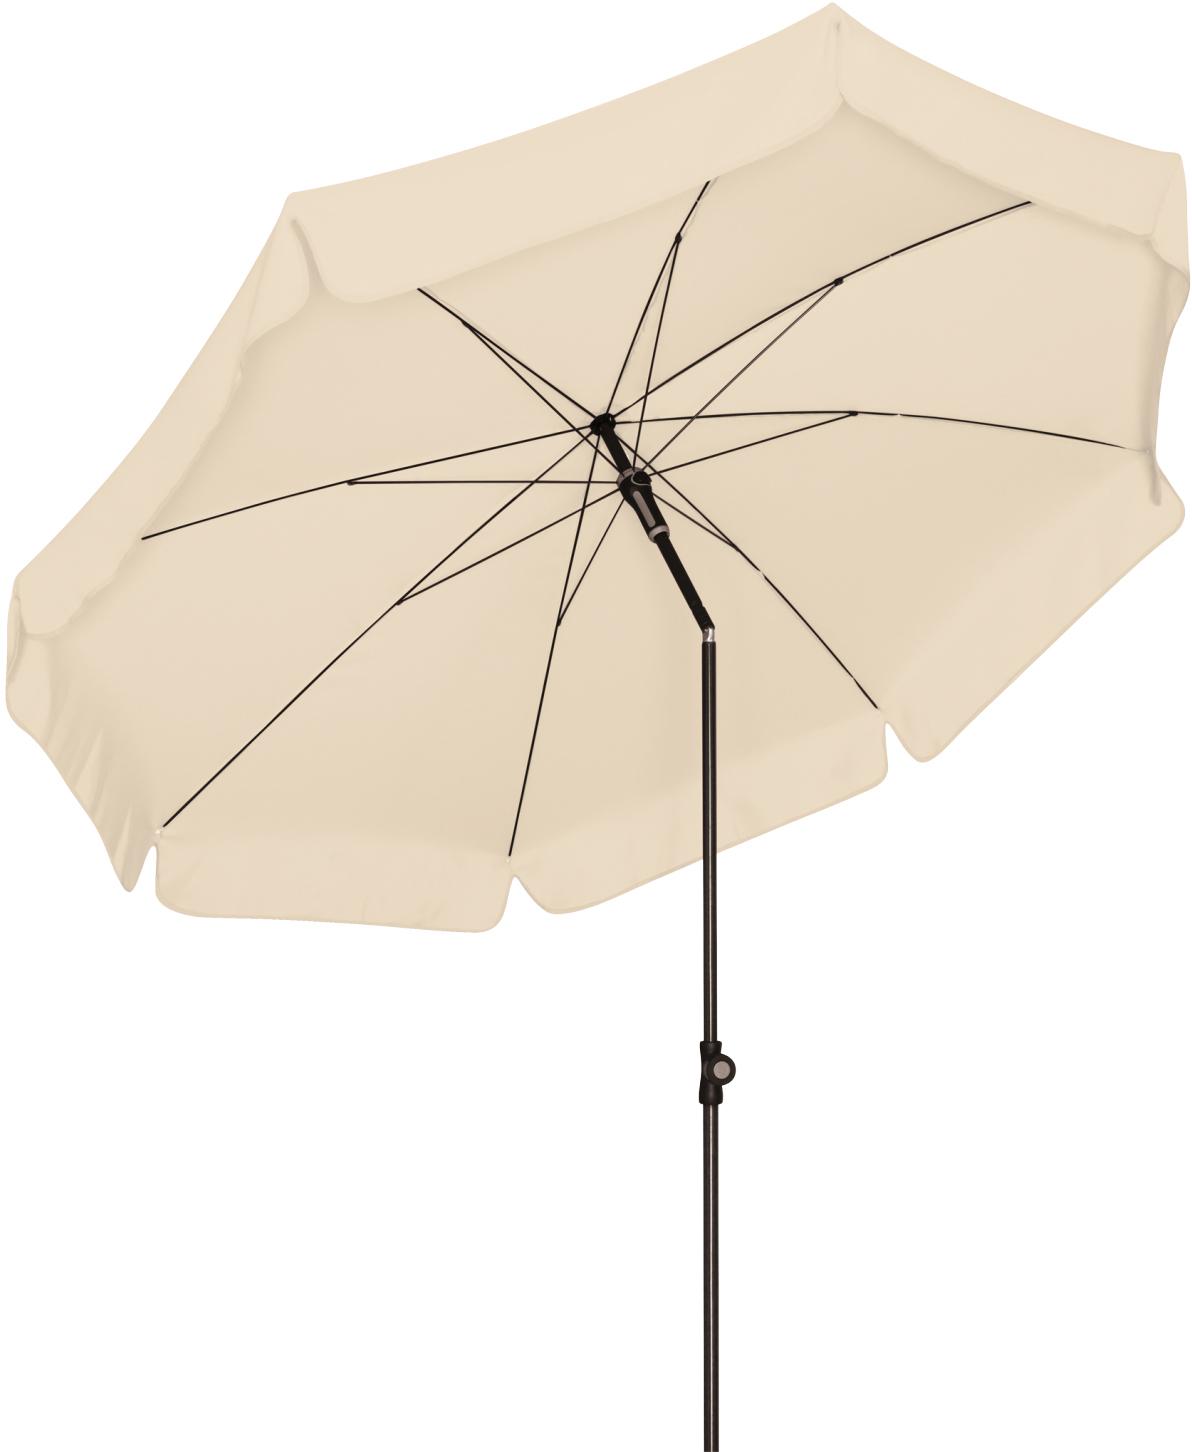 Slunečník DOPPLER Waterproof 200 cm antracit bez volánu